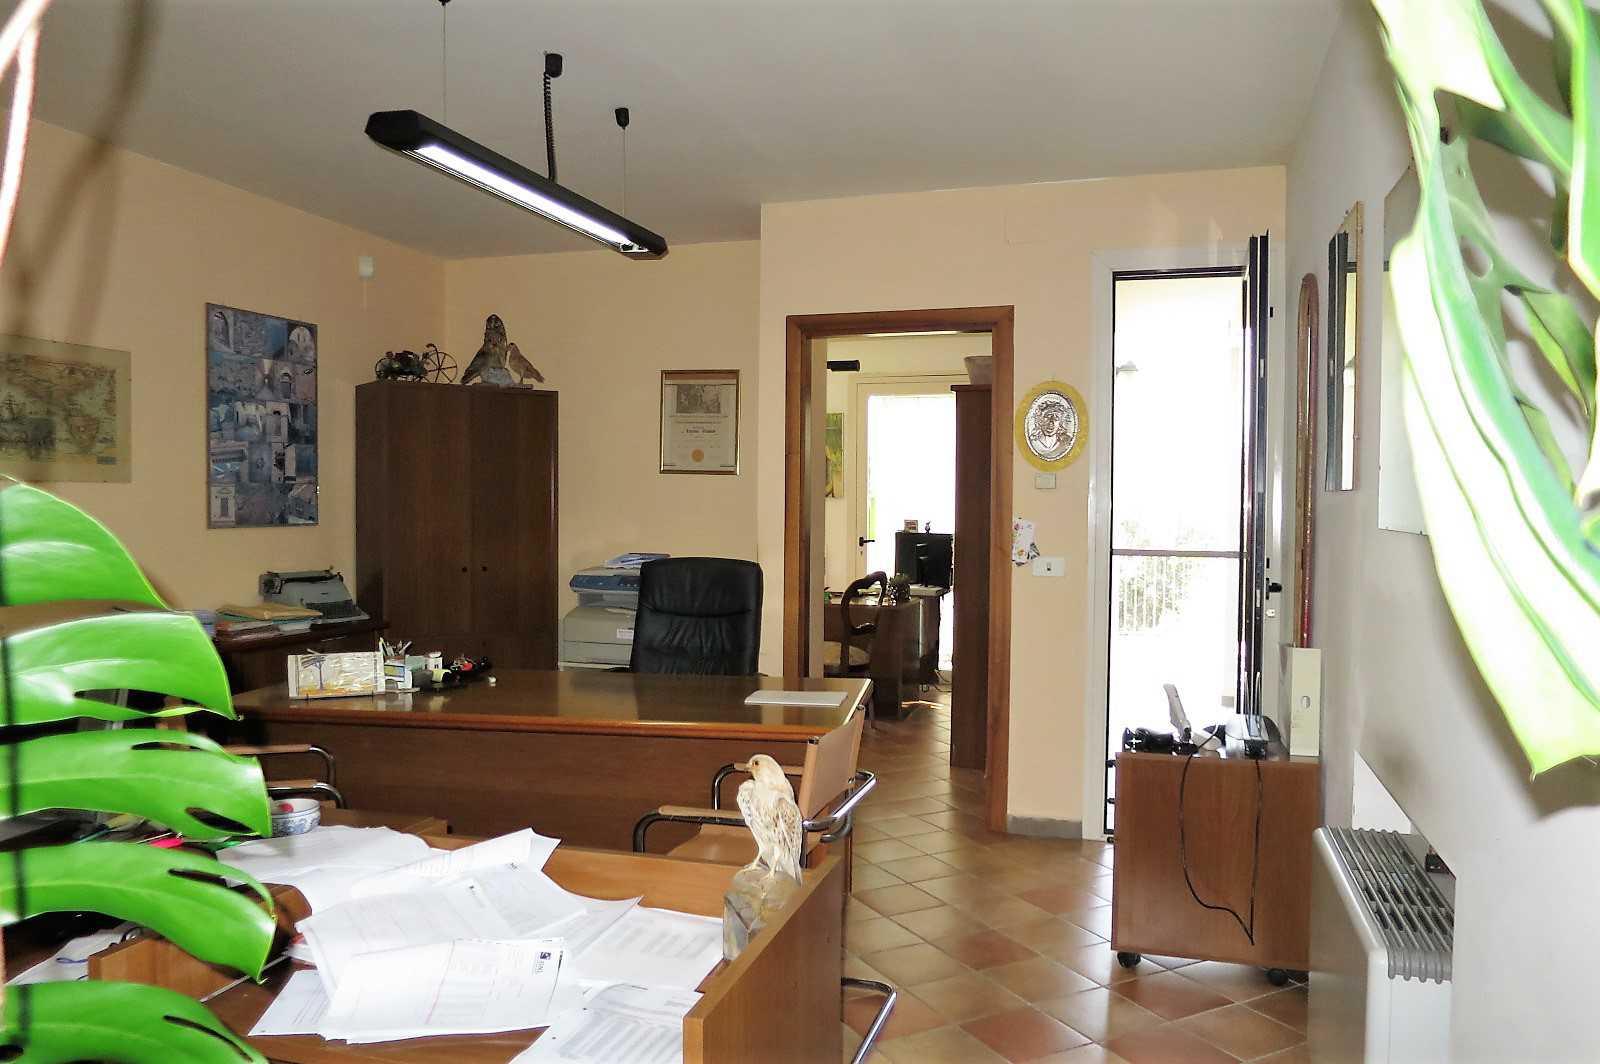 Villa Villa for sale Atri (TE), Villa Paola - Atri - EUR 462.107 170